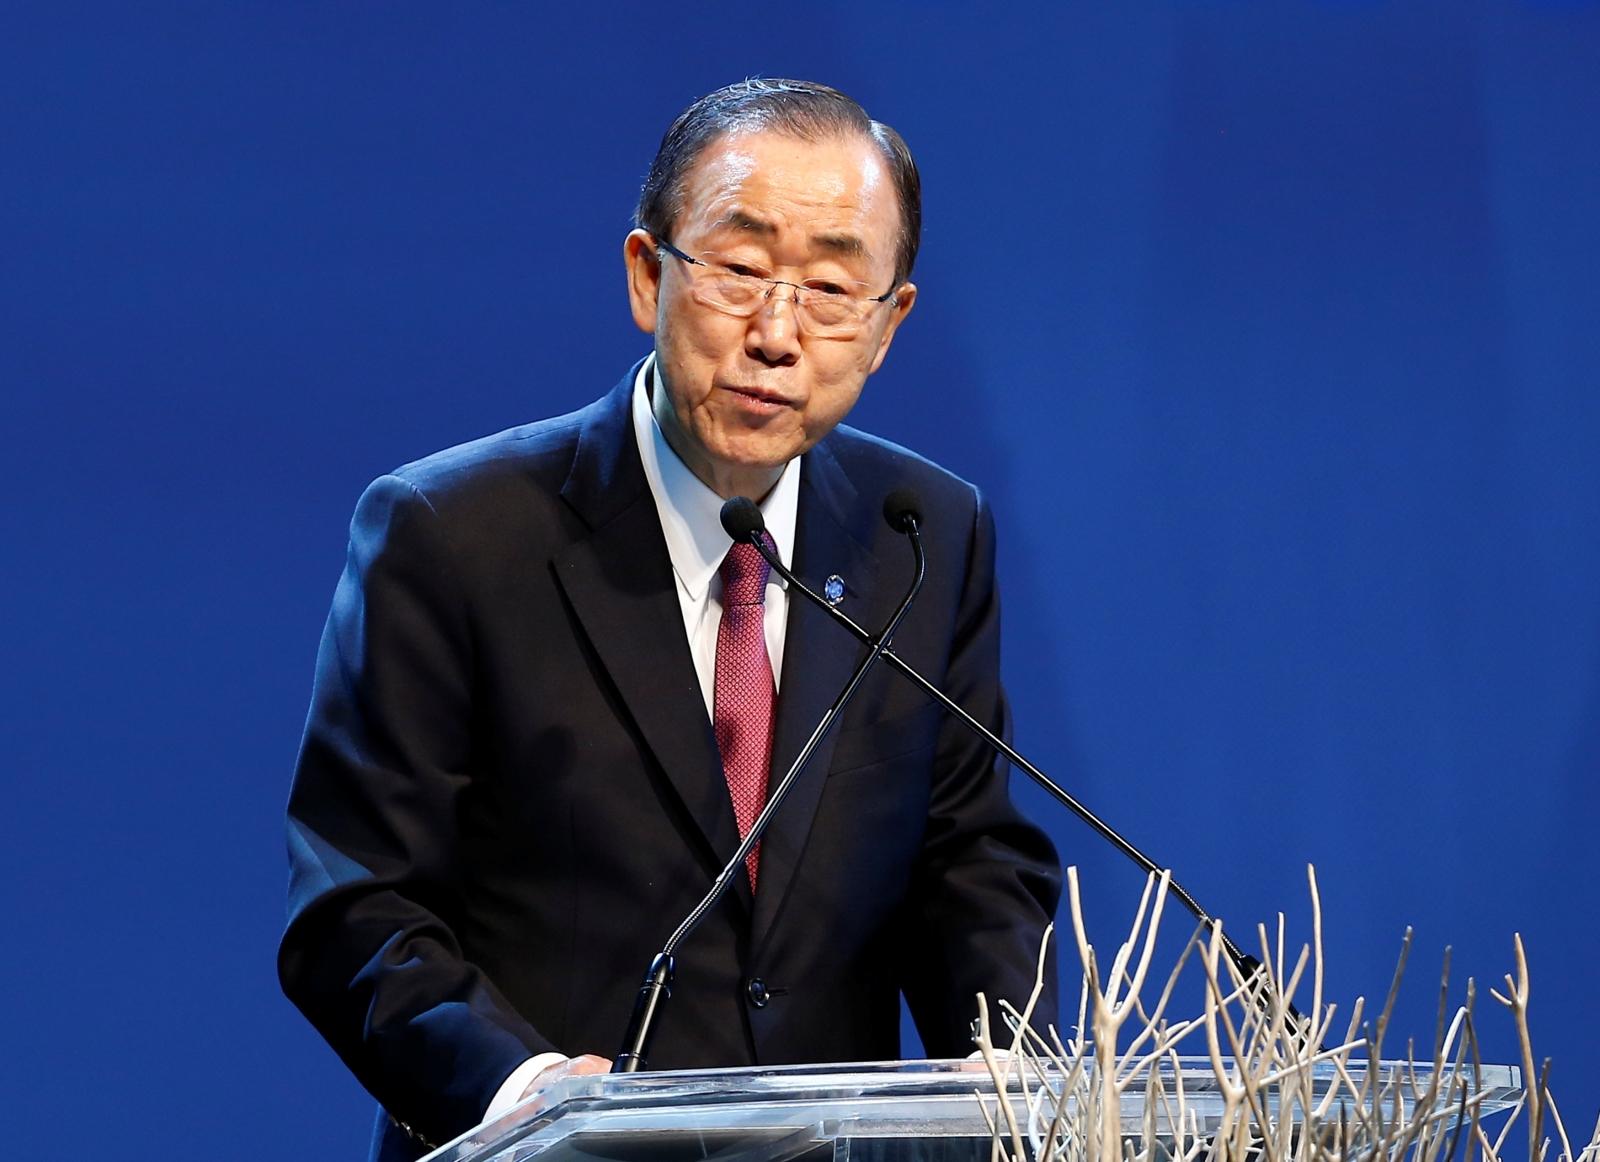 Ban Ki-moon South Korea president